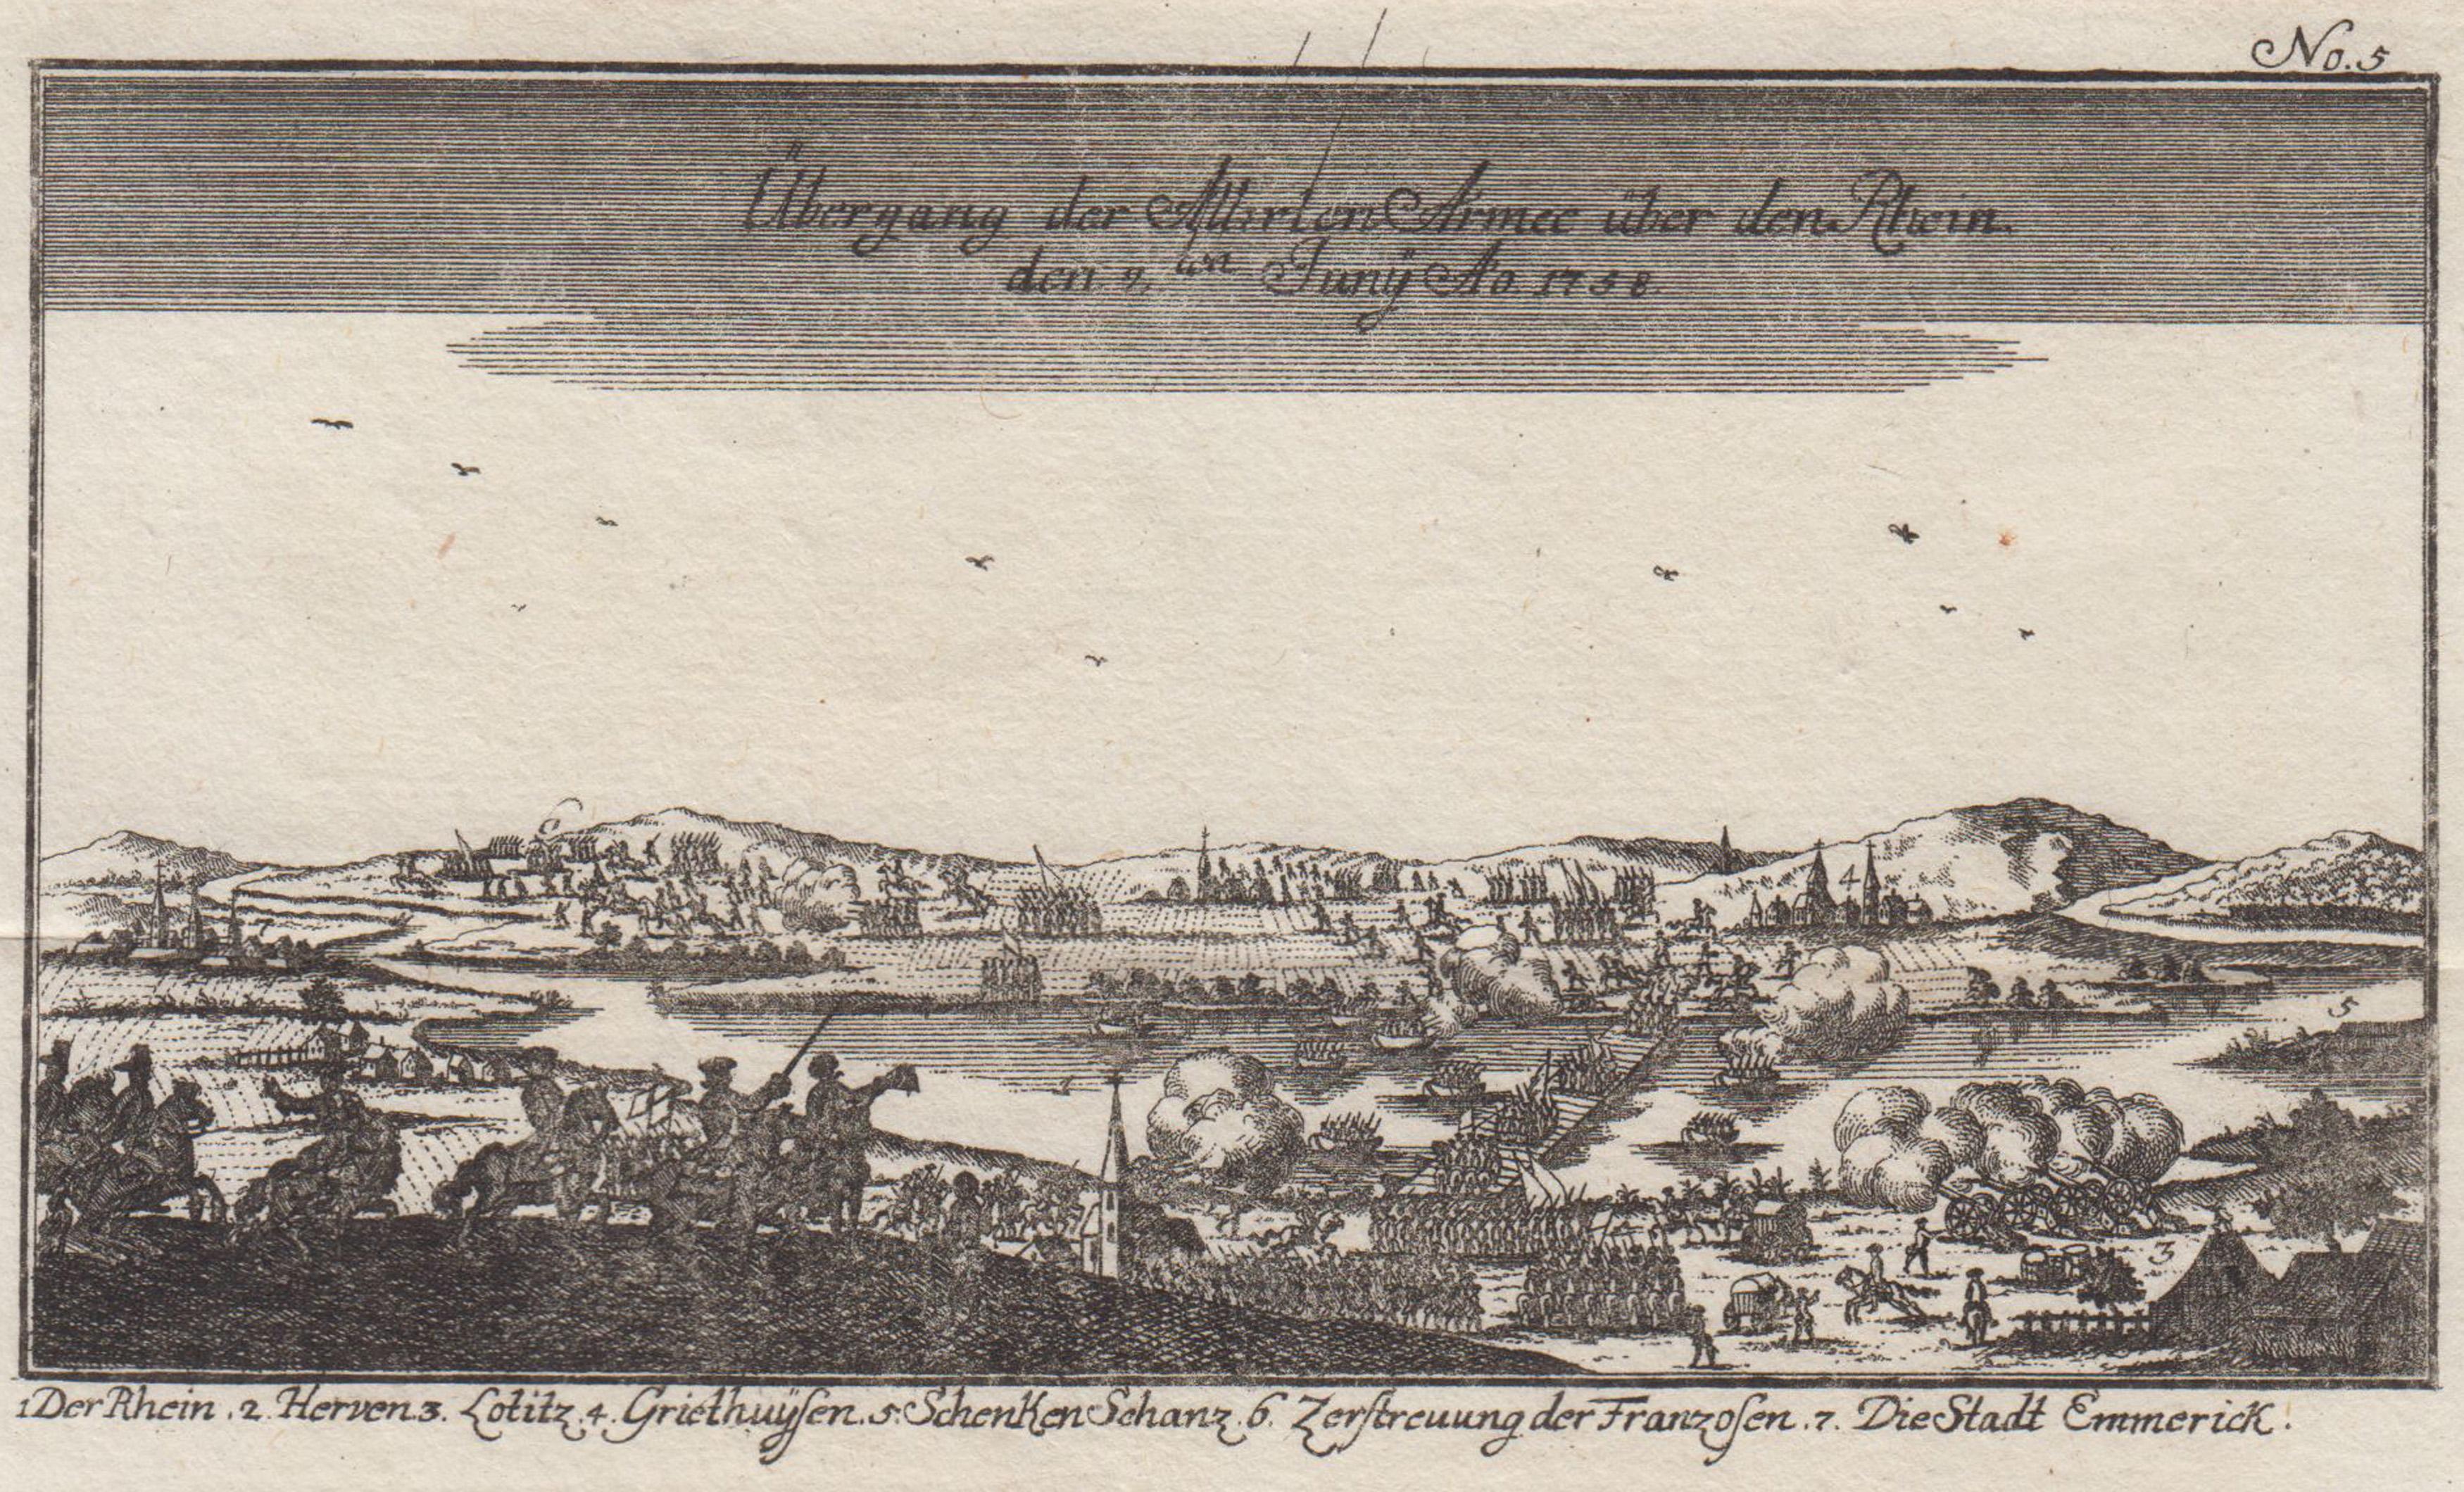 Übergang der Alirten Armee über den Rhein: Kleve: Schenkenschanz: